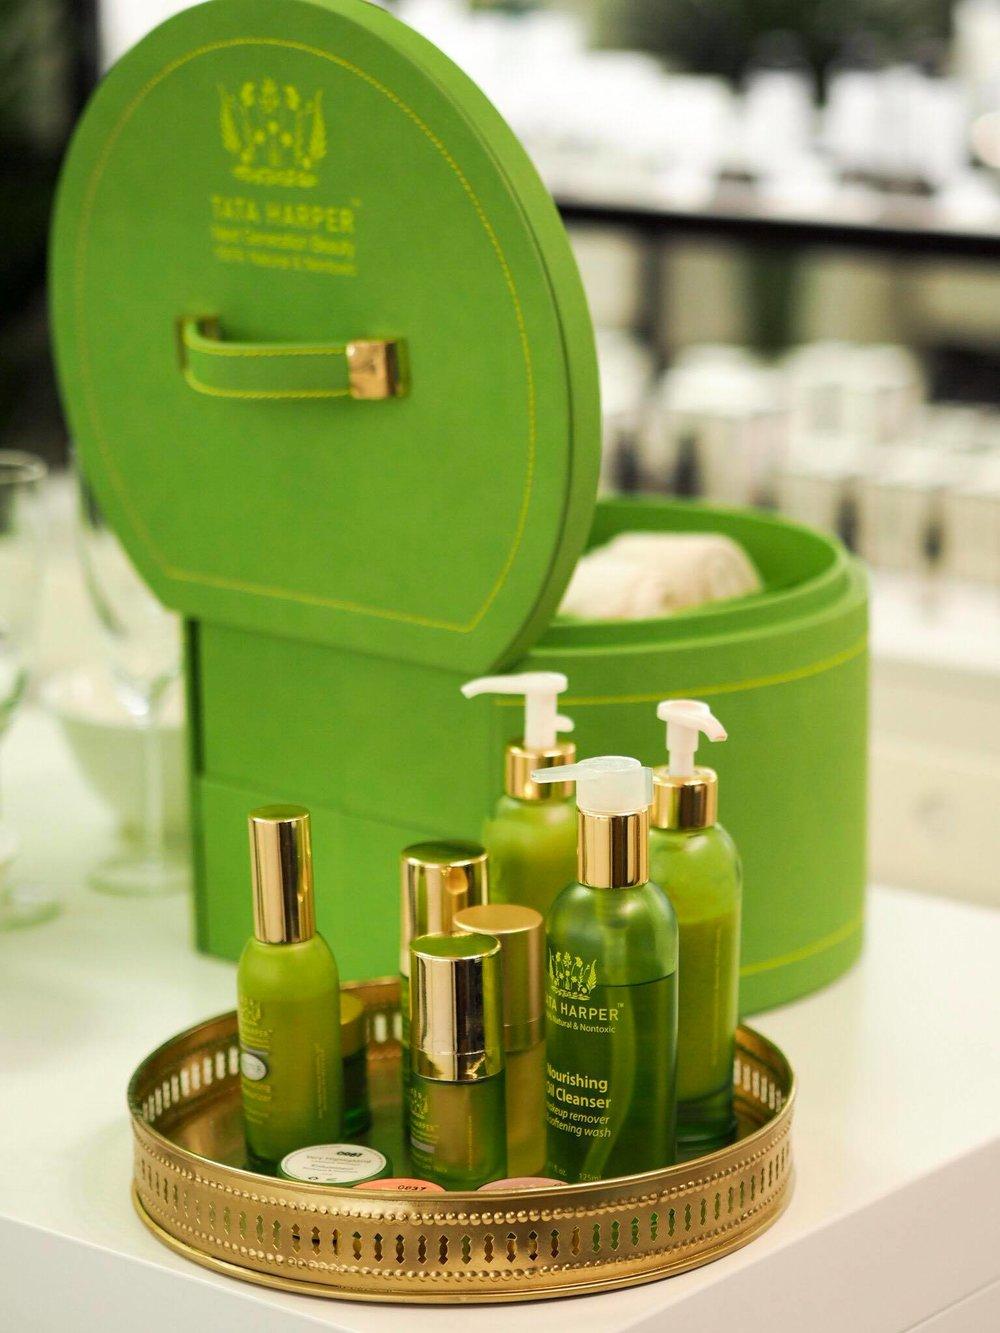 Tata Harperin tuotteiden purnukat ovat ihanan ylellisen näköisiä ja tuntuisia, ja niiden vihreä väri muistuttaa eettisistä valinnoista <3